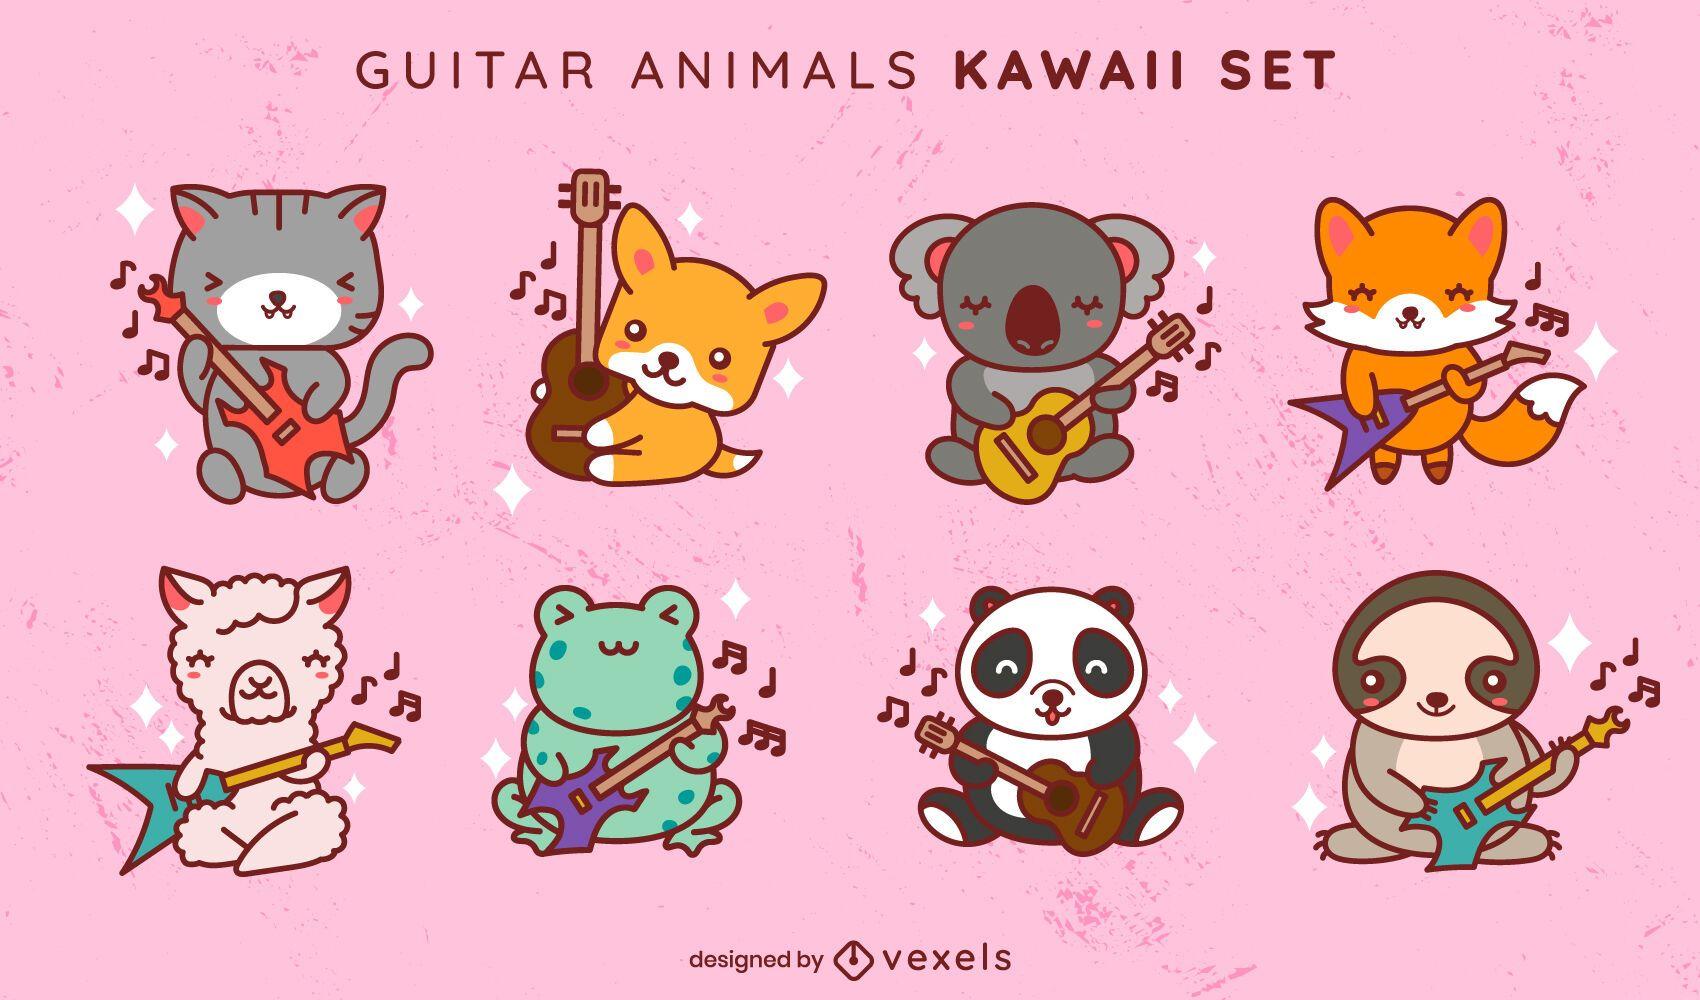 Kawaii guitar animals set